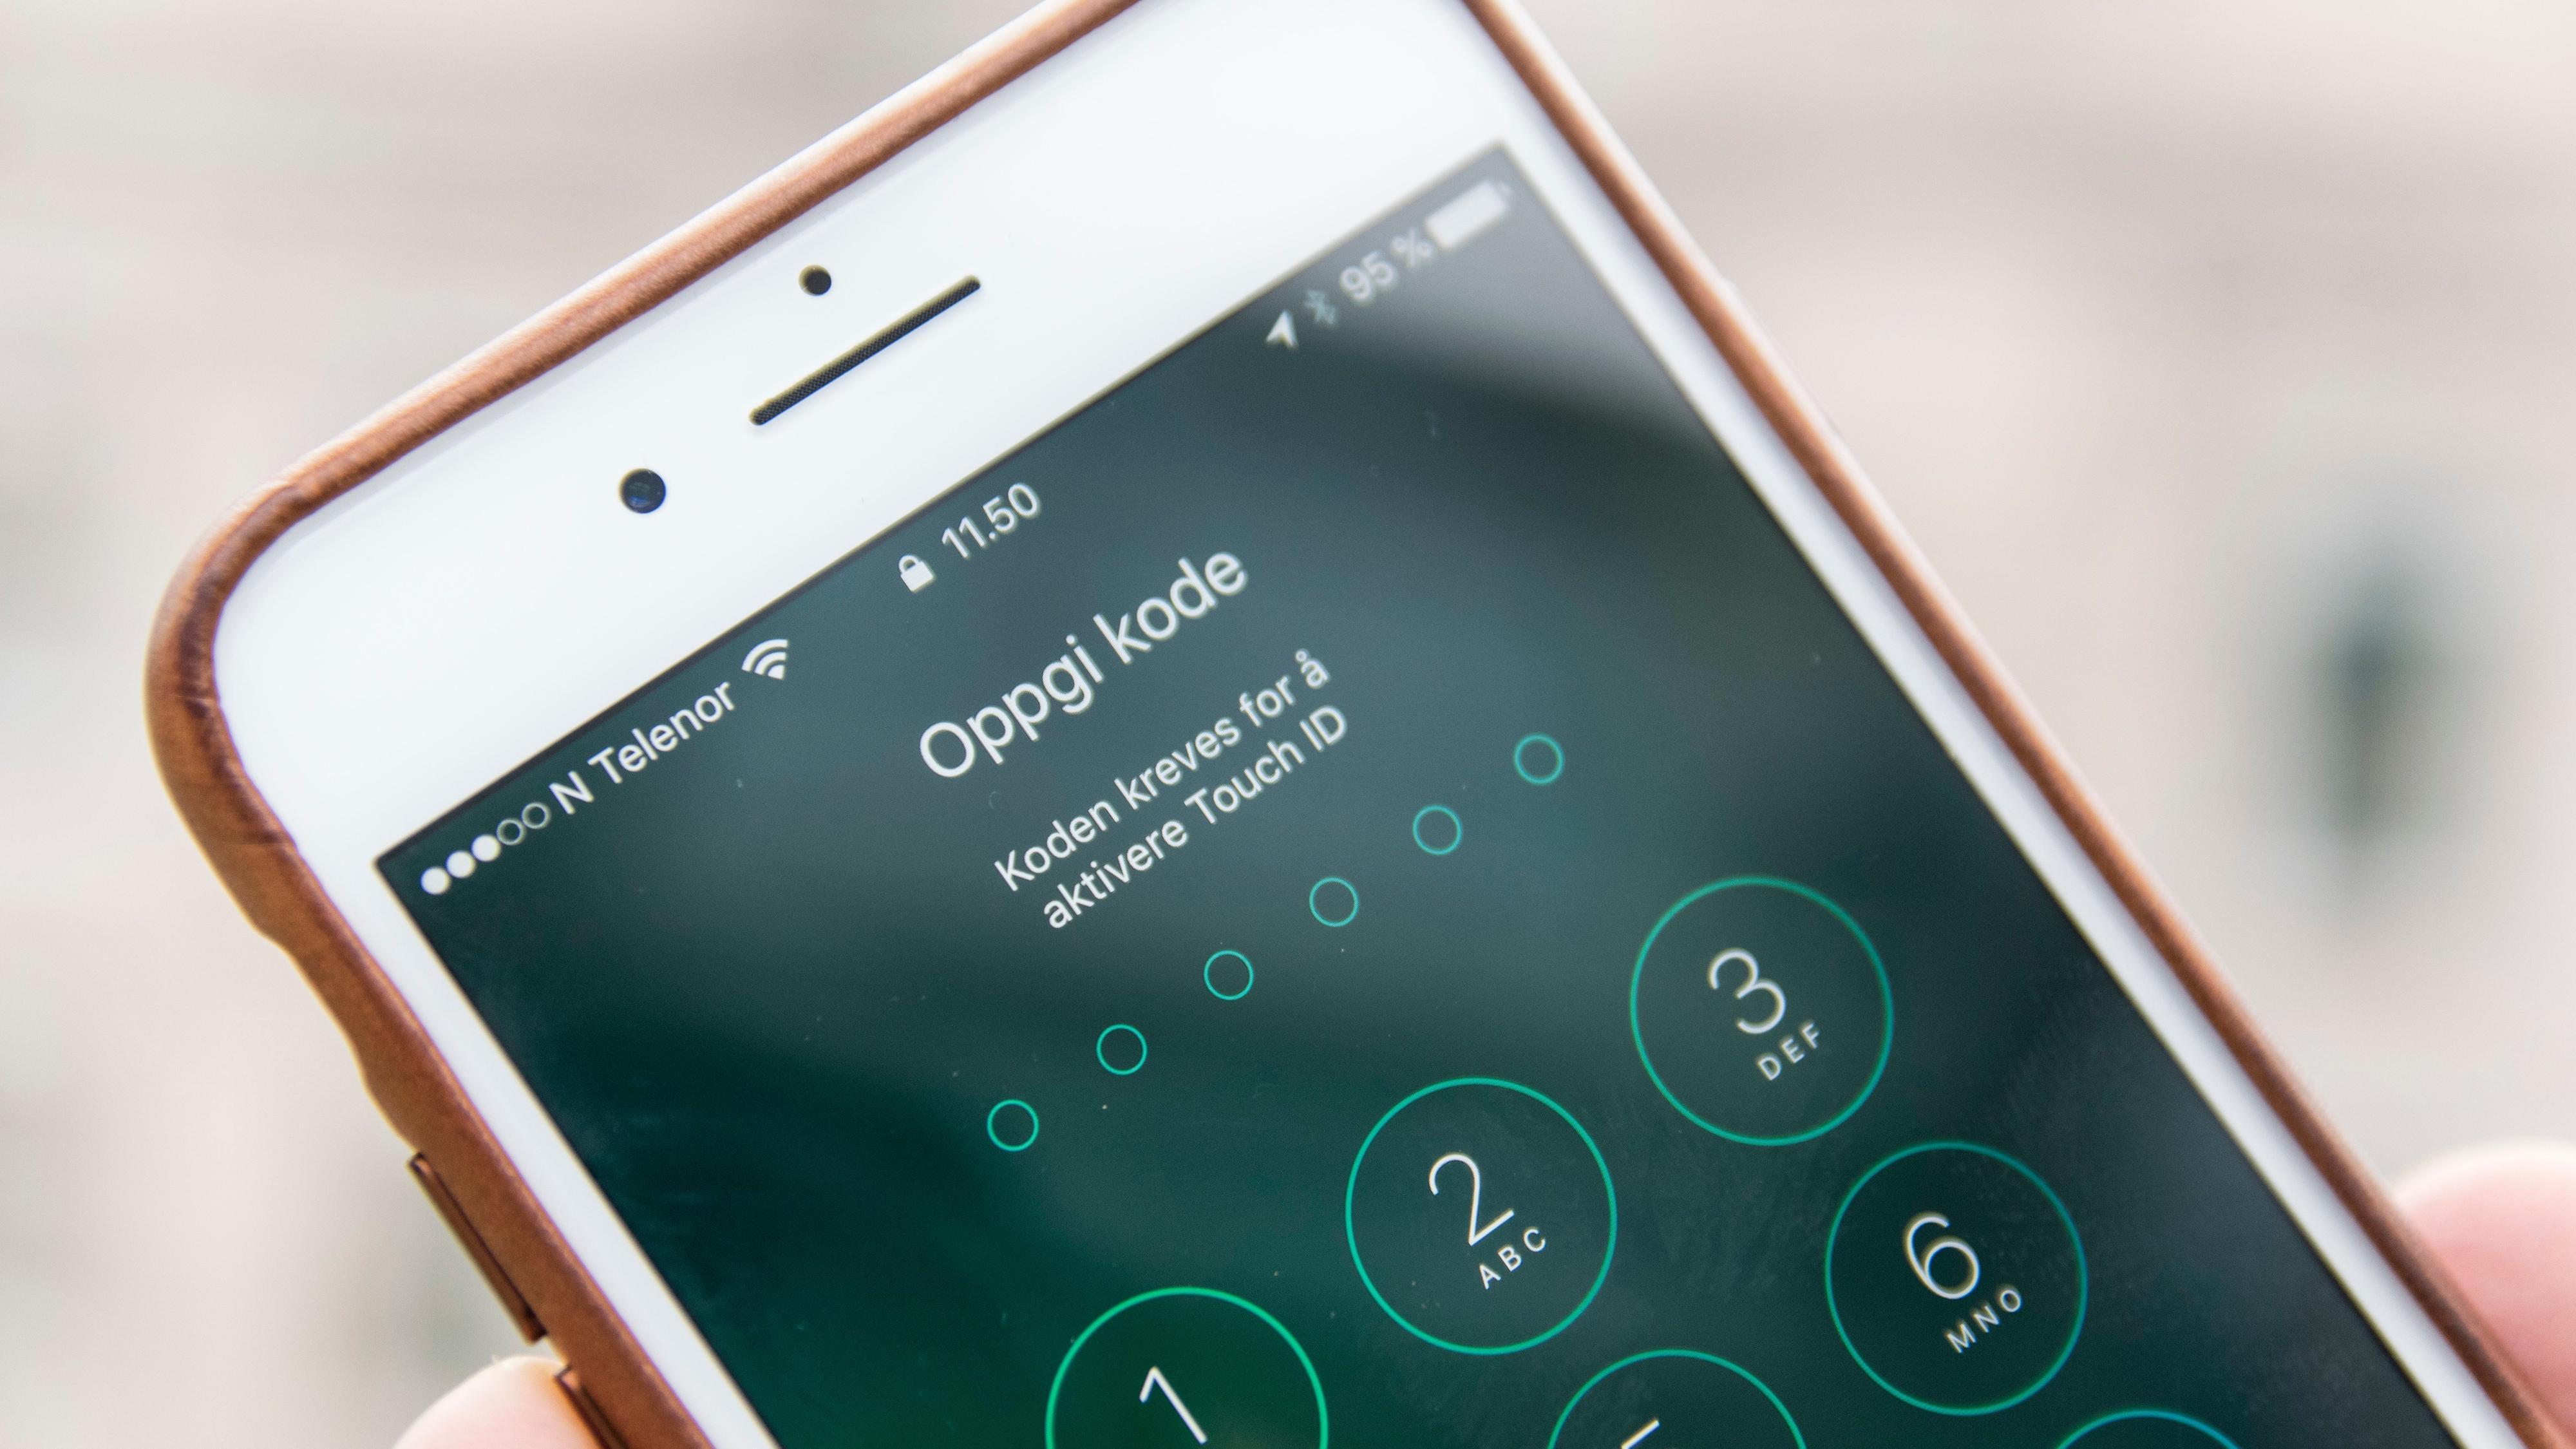 USA, Storbritannia og andre vil legge inn bakdører i mobiler for å omgå kryptering